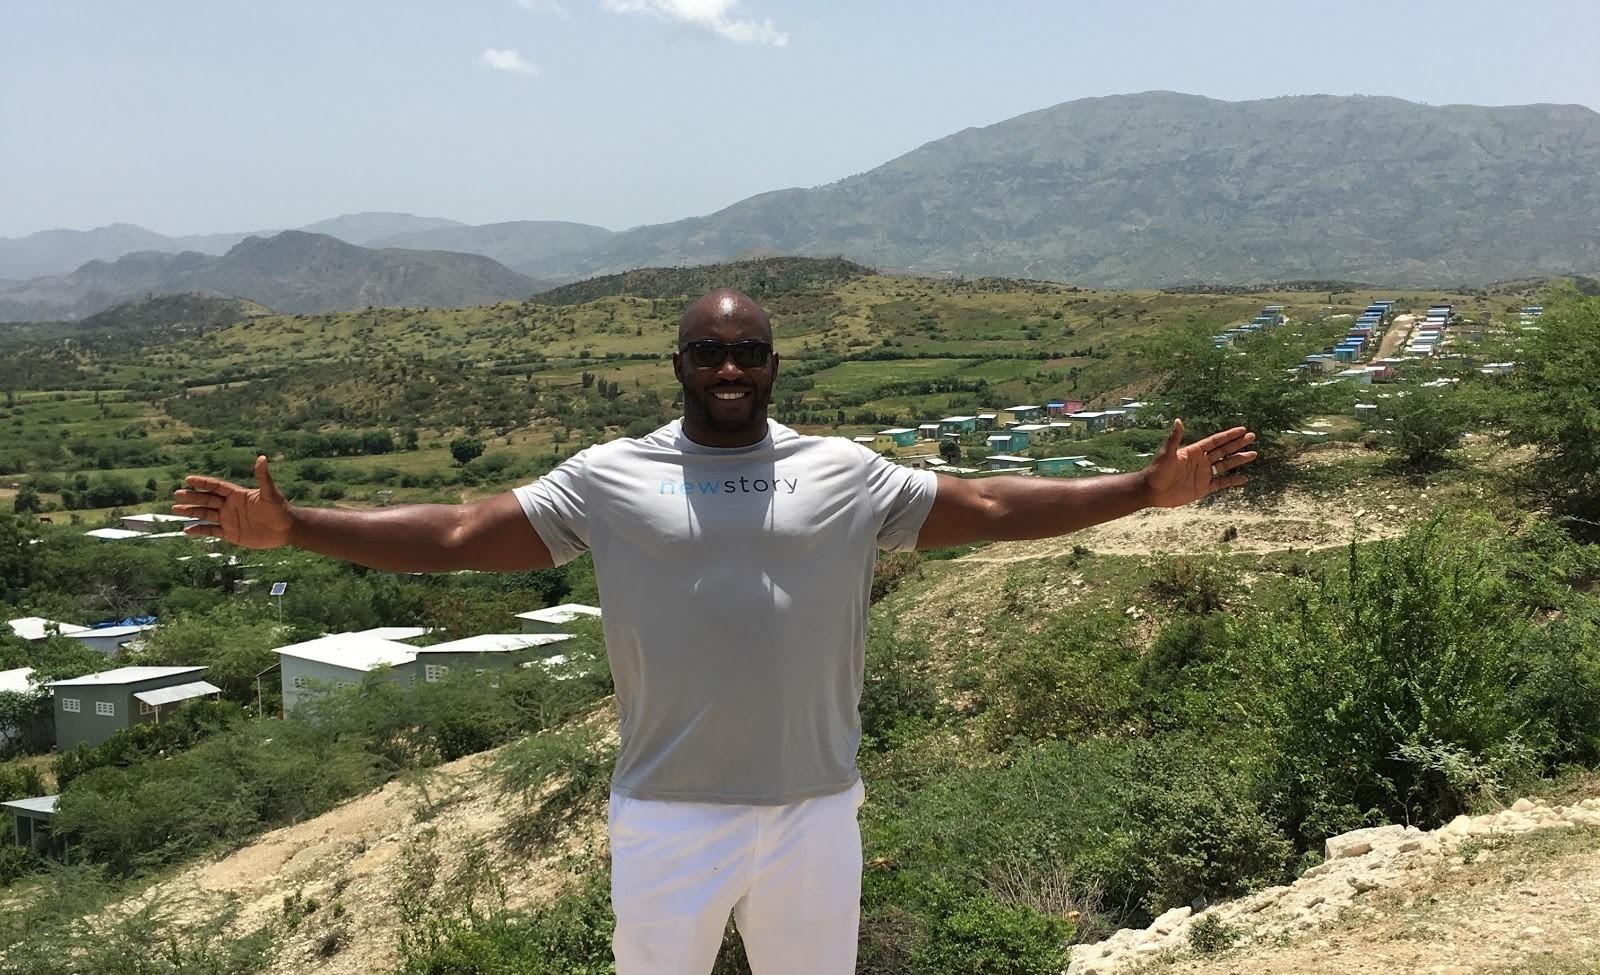 Bal-ravens-elvis-dumervil-returns-from-philanthropic-visit-to-haiti-20160628